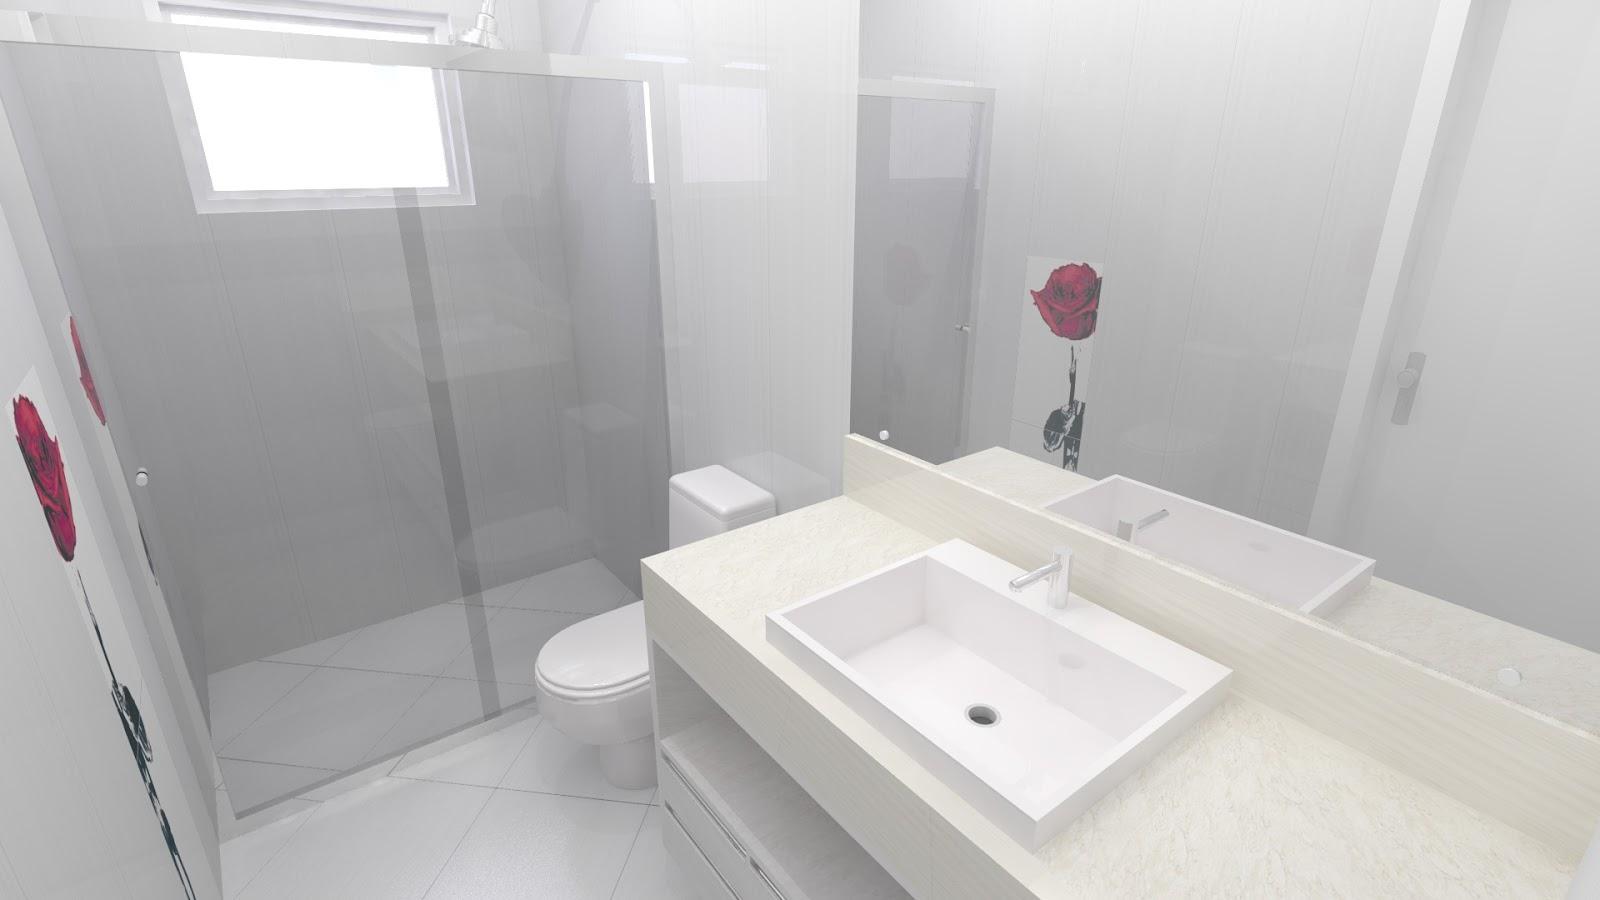 Este é o banheiro do casal com uma rosa na frente do vaso. Reparem no  #8C3F59 1600x900 Banheiro Casal Dois Vasos